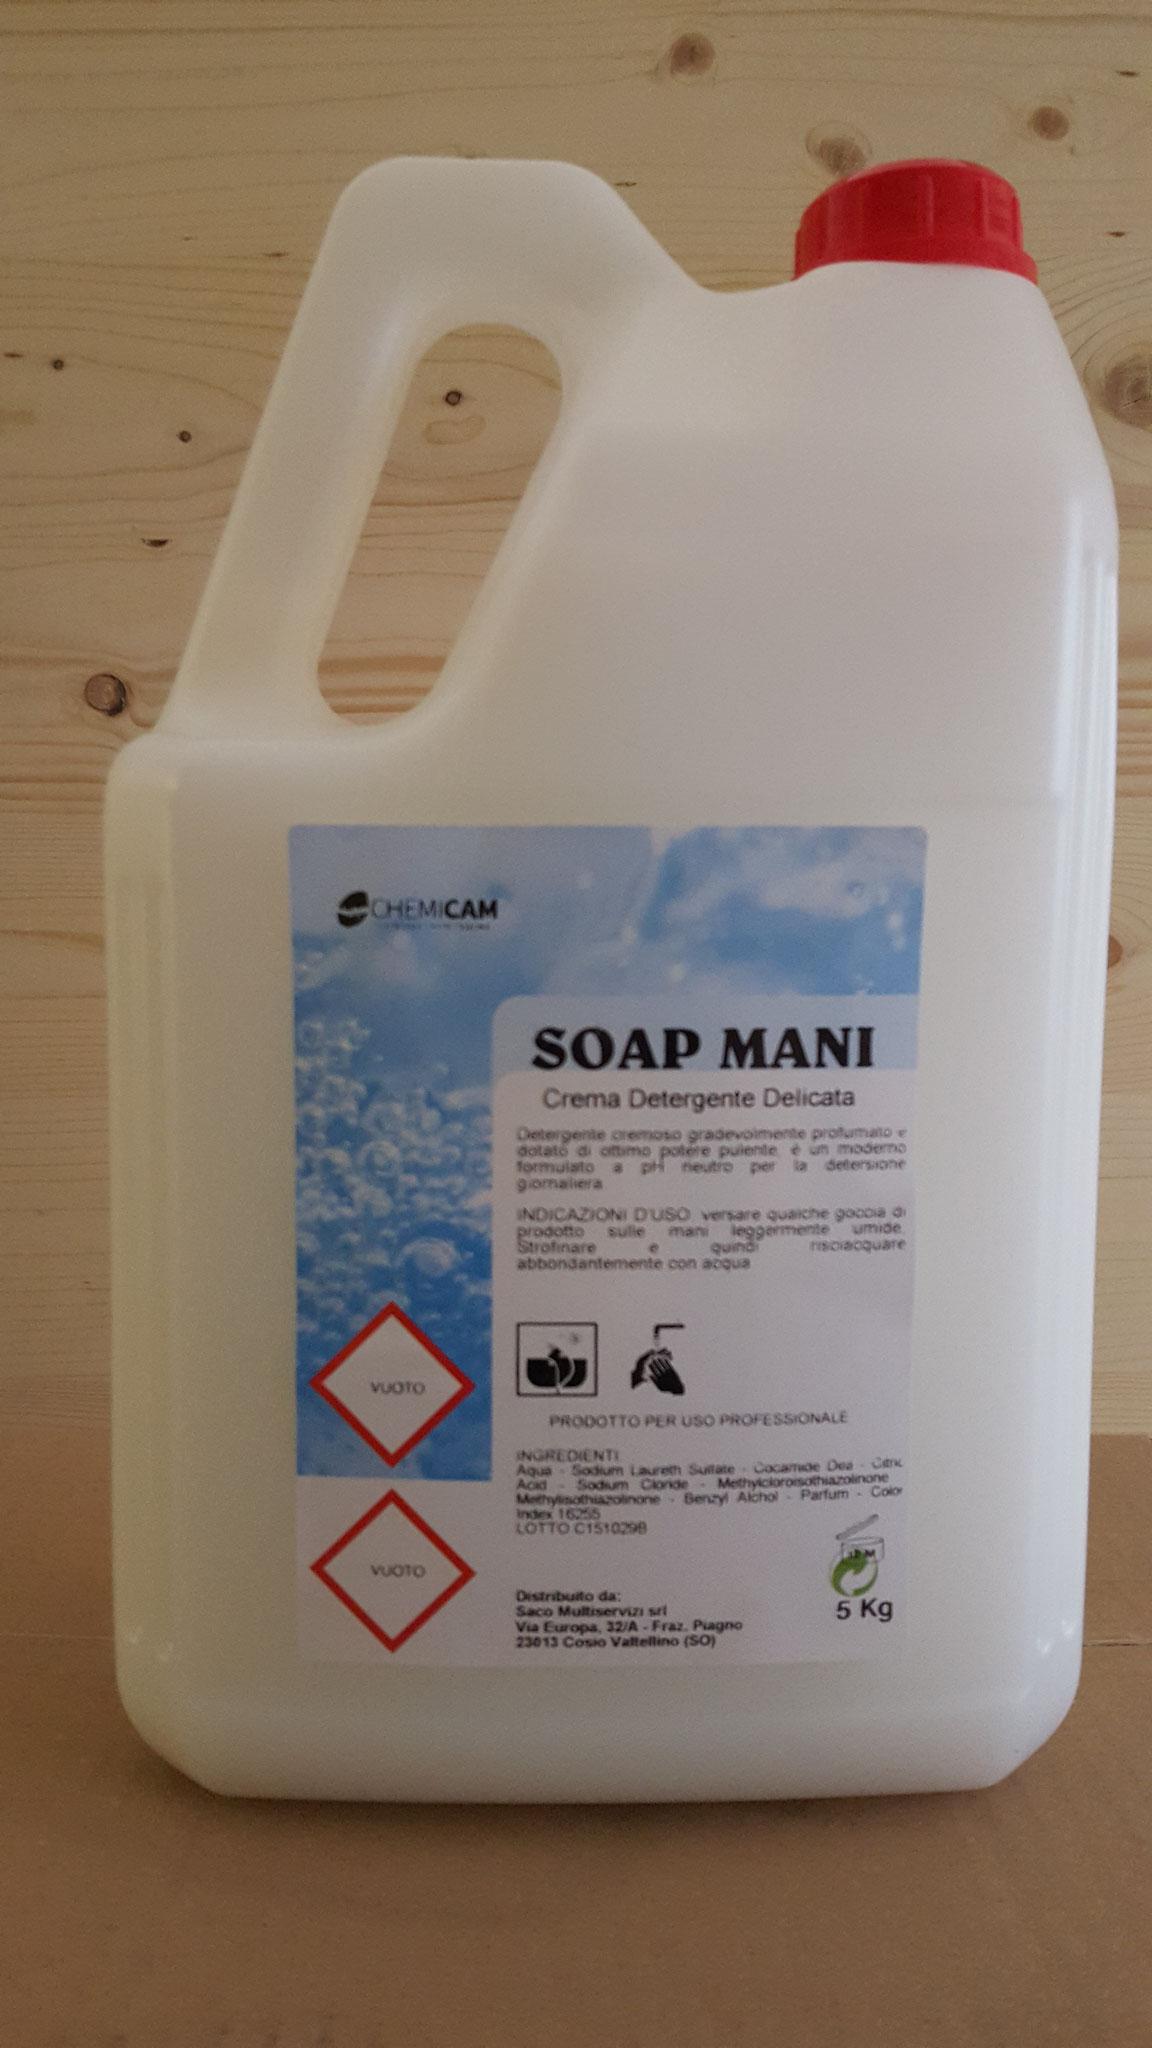 SOAP MANI - Detergente cremoso alla profumazione di rosa, PH neutro, con glicerina